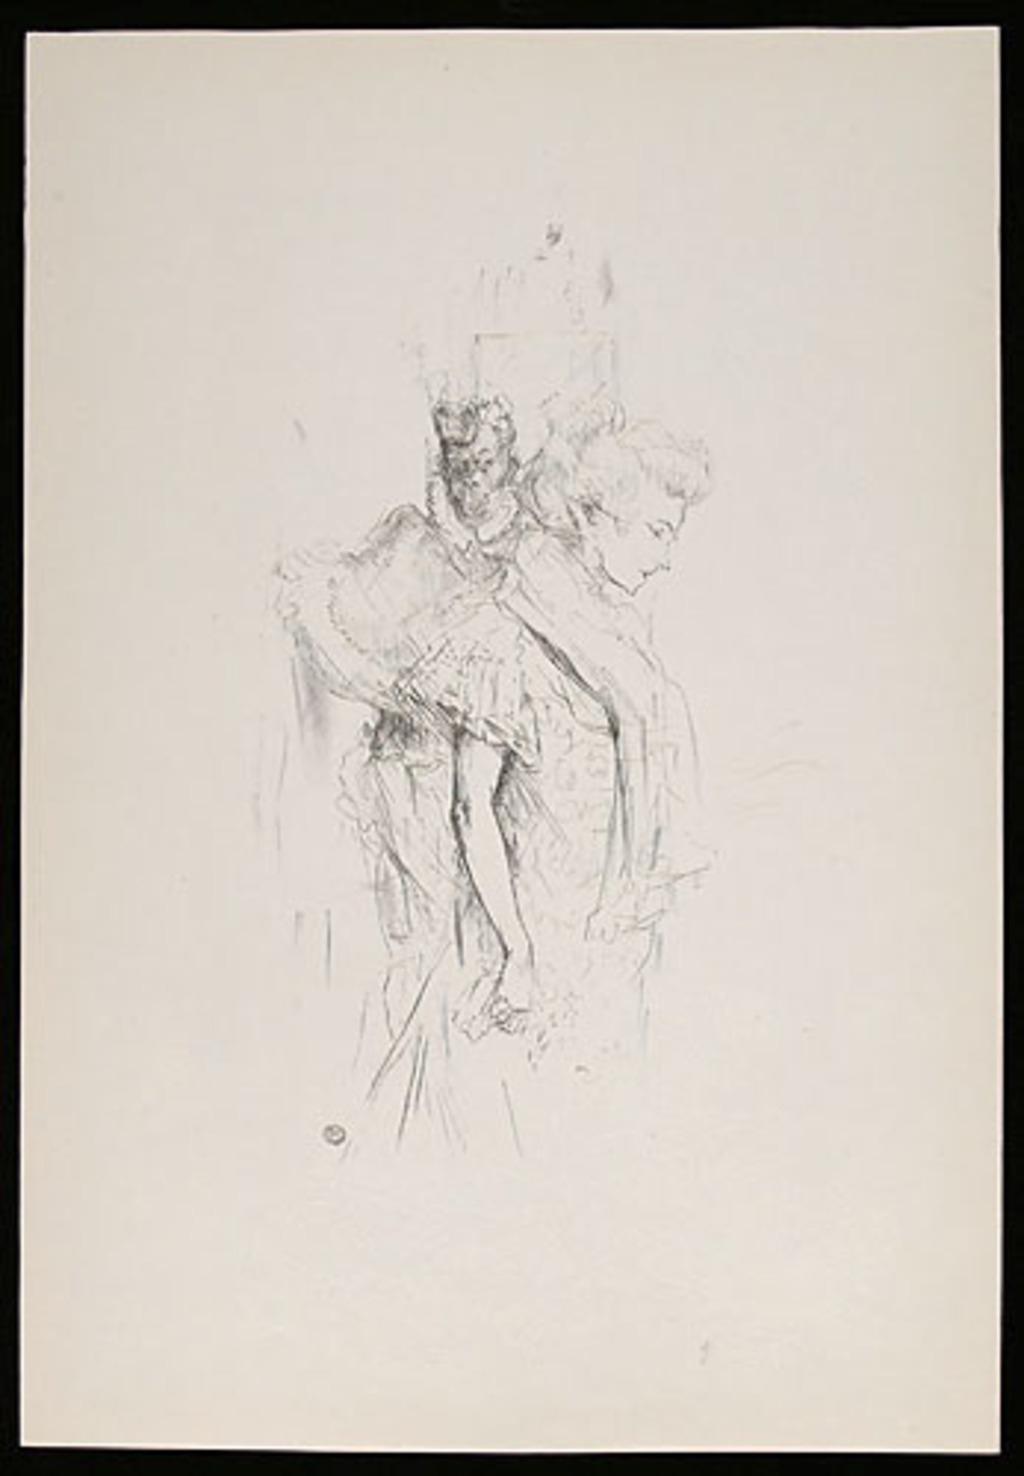 Blanche et Noire, de l'album «Toulouse-Lautrec, douze lithographies»